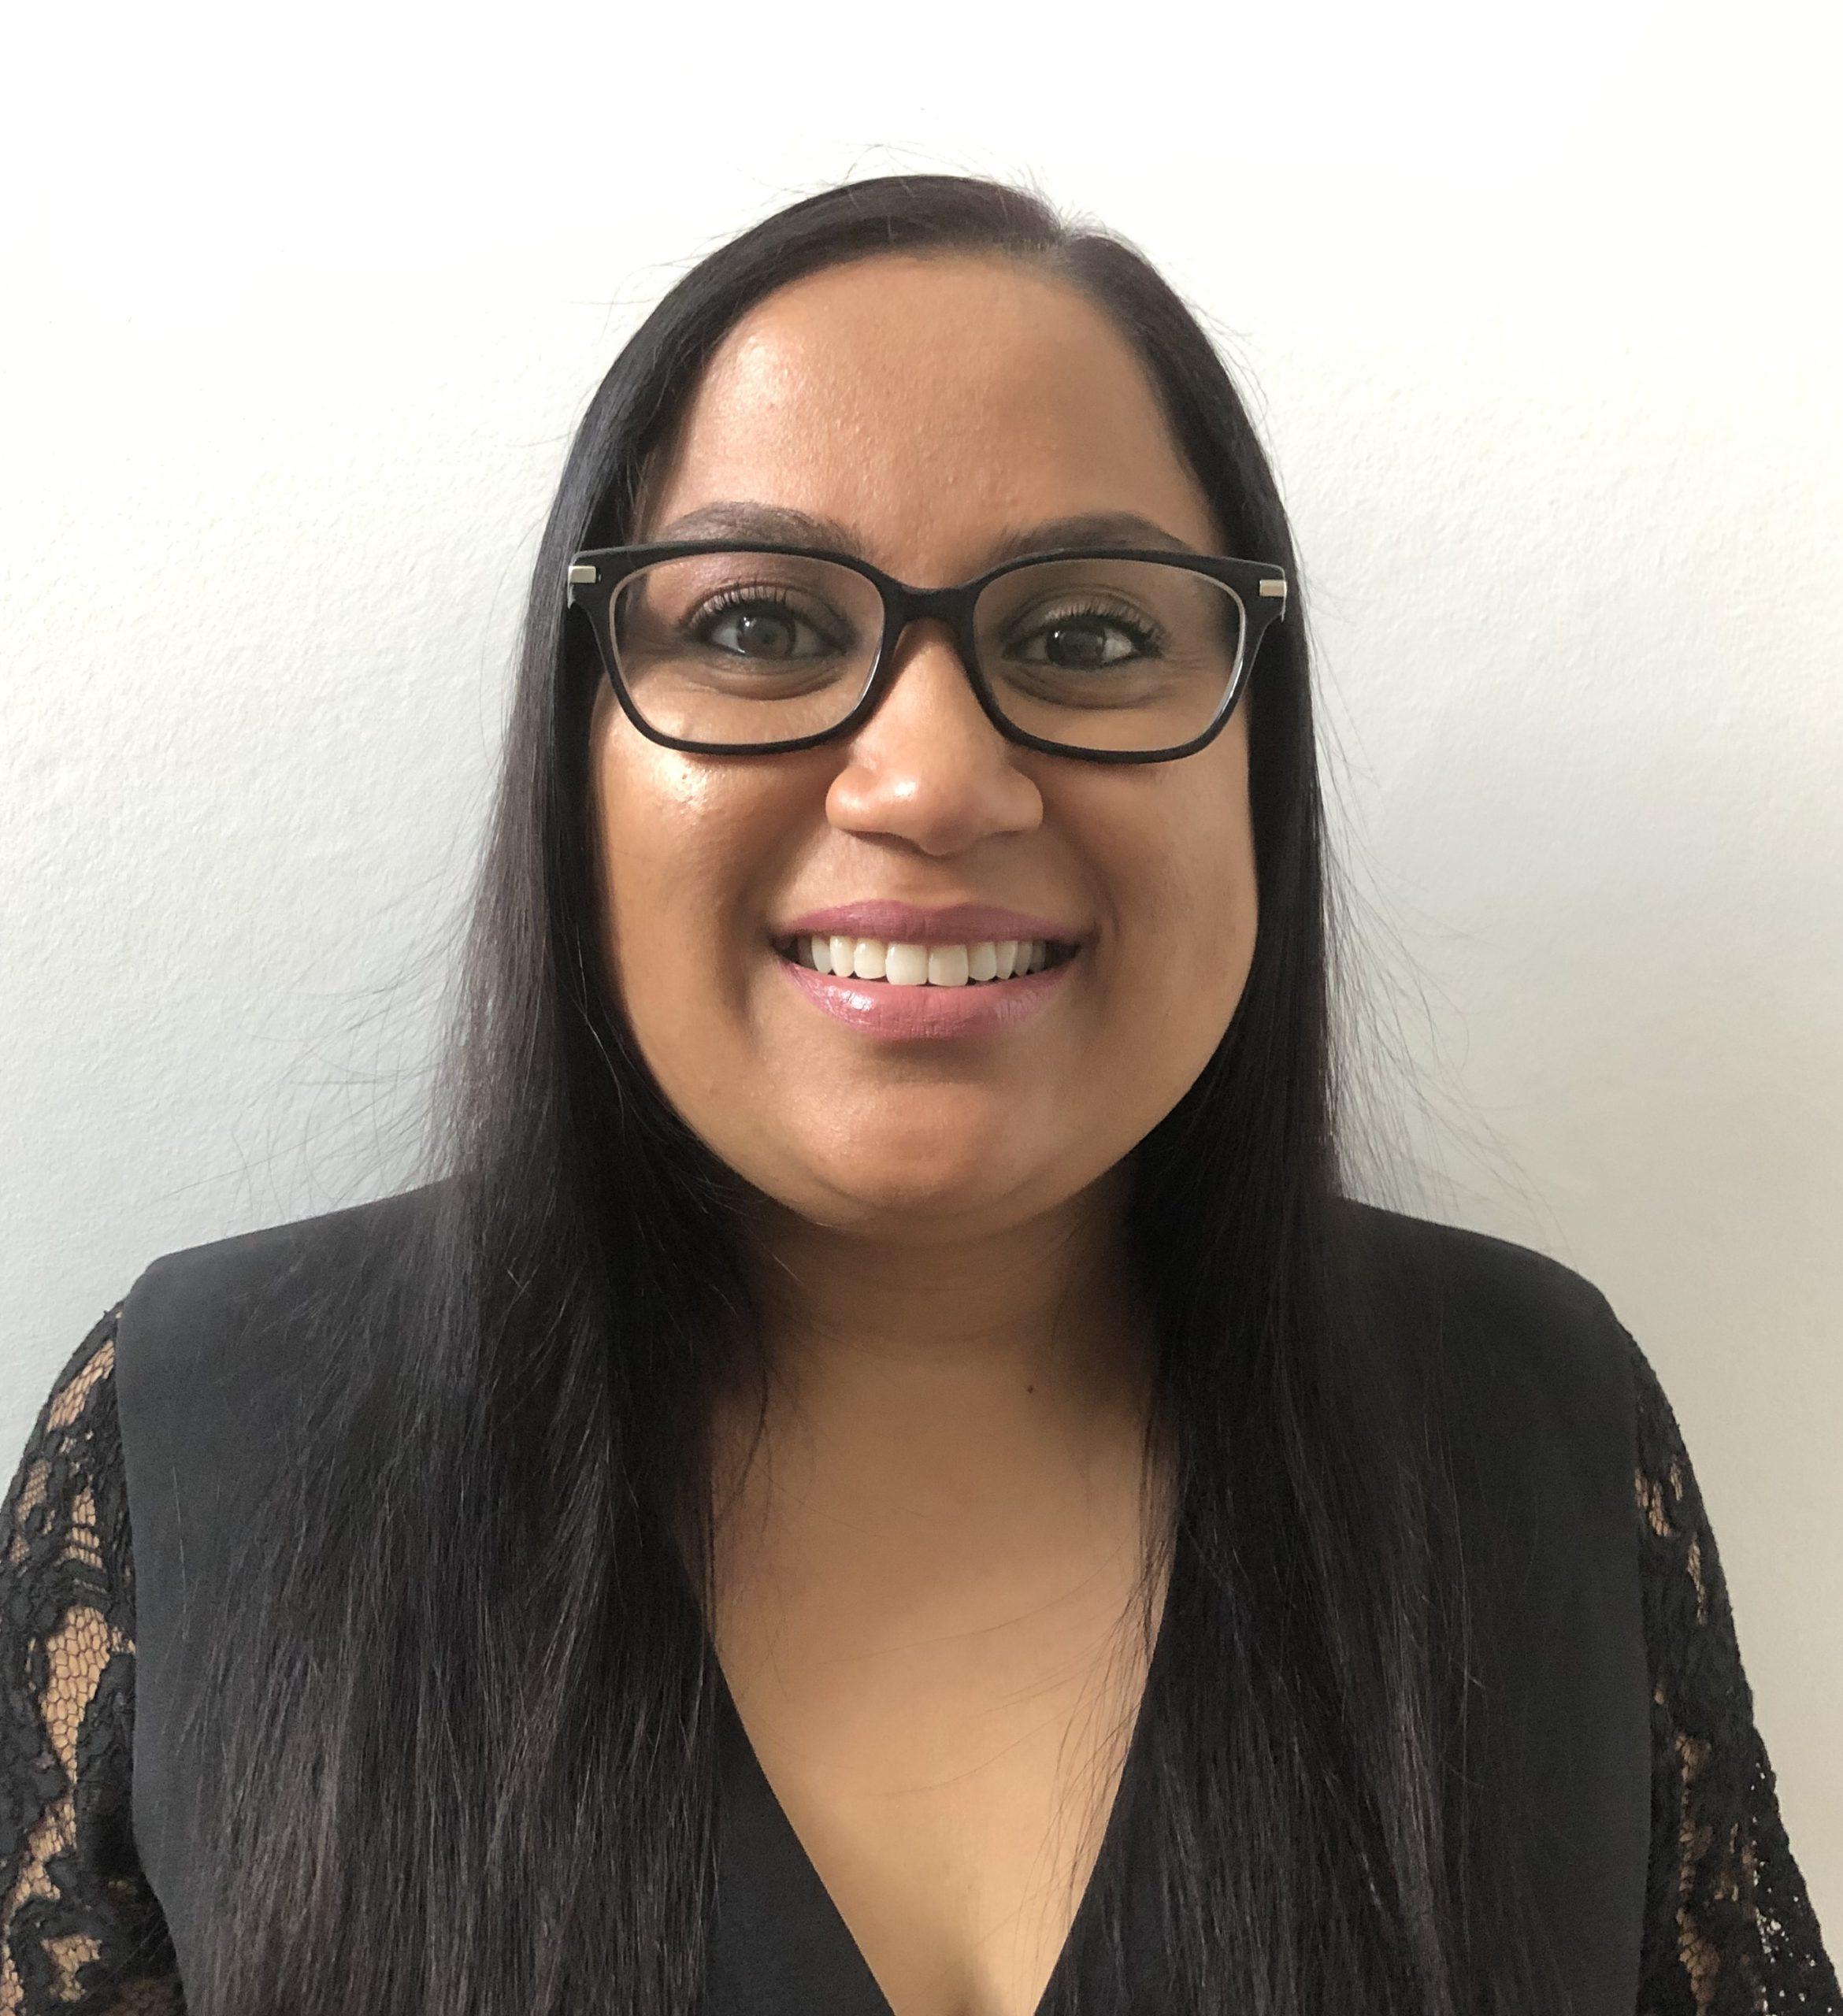 Sara Patel smiling